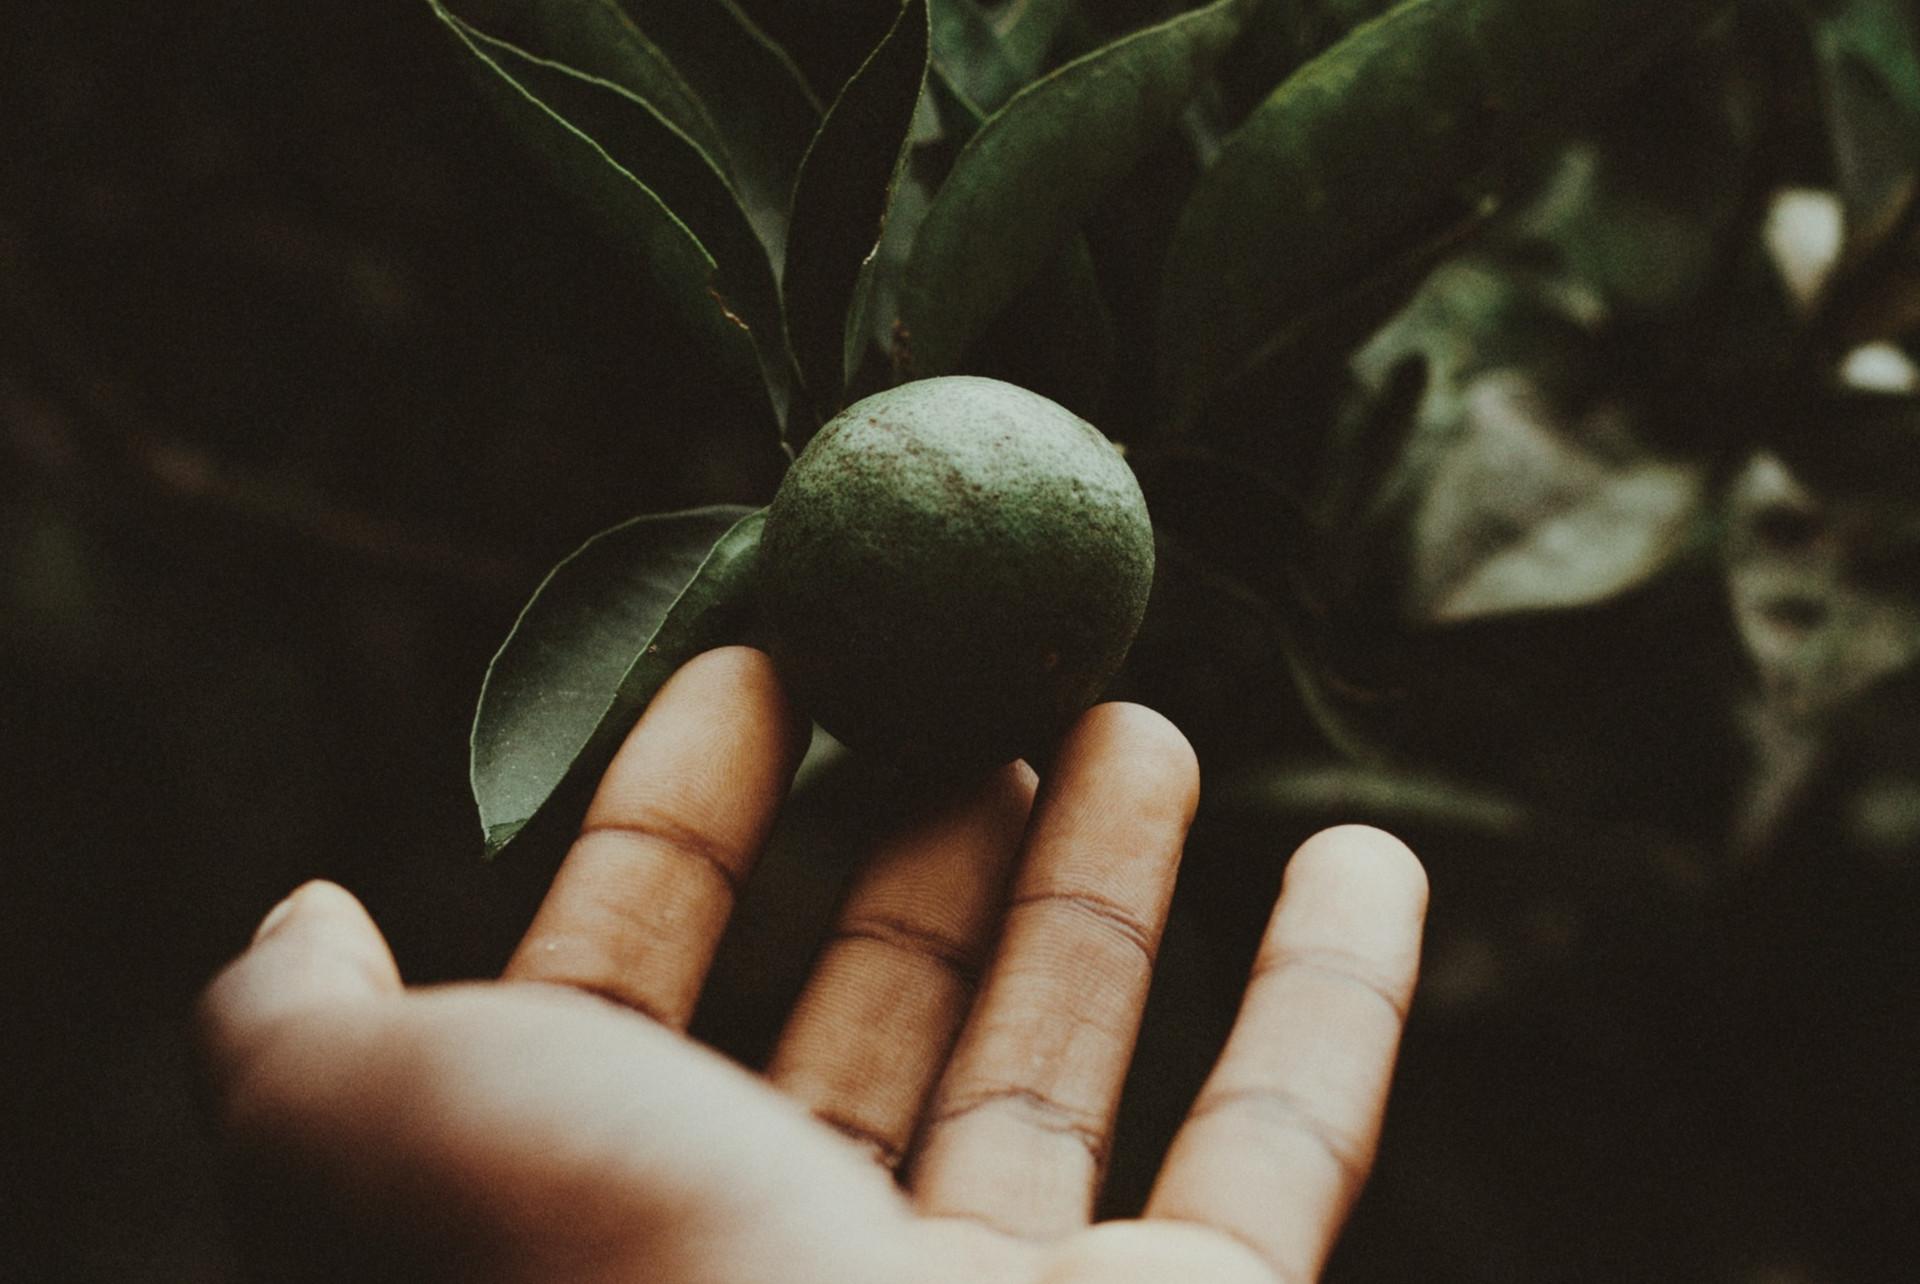 person-holding-citrus-fruit-1876272_edit